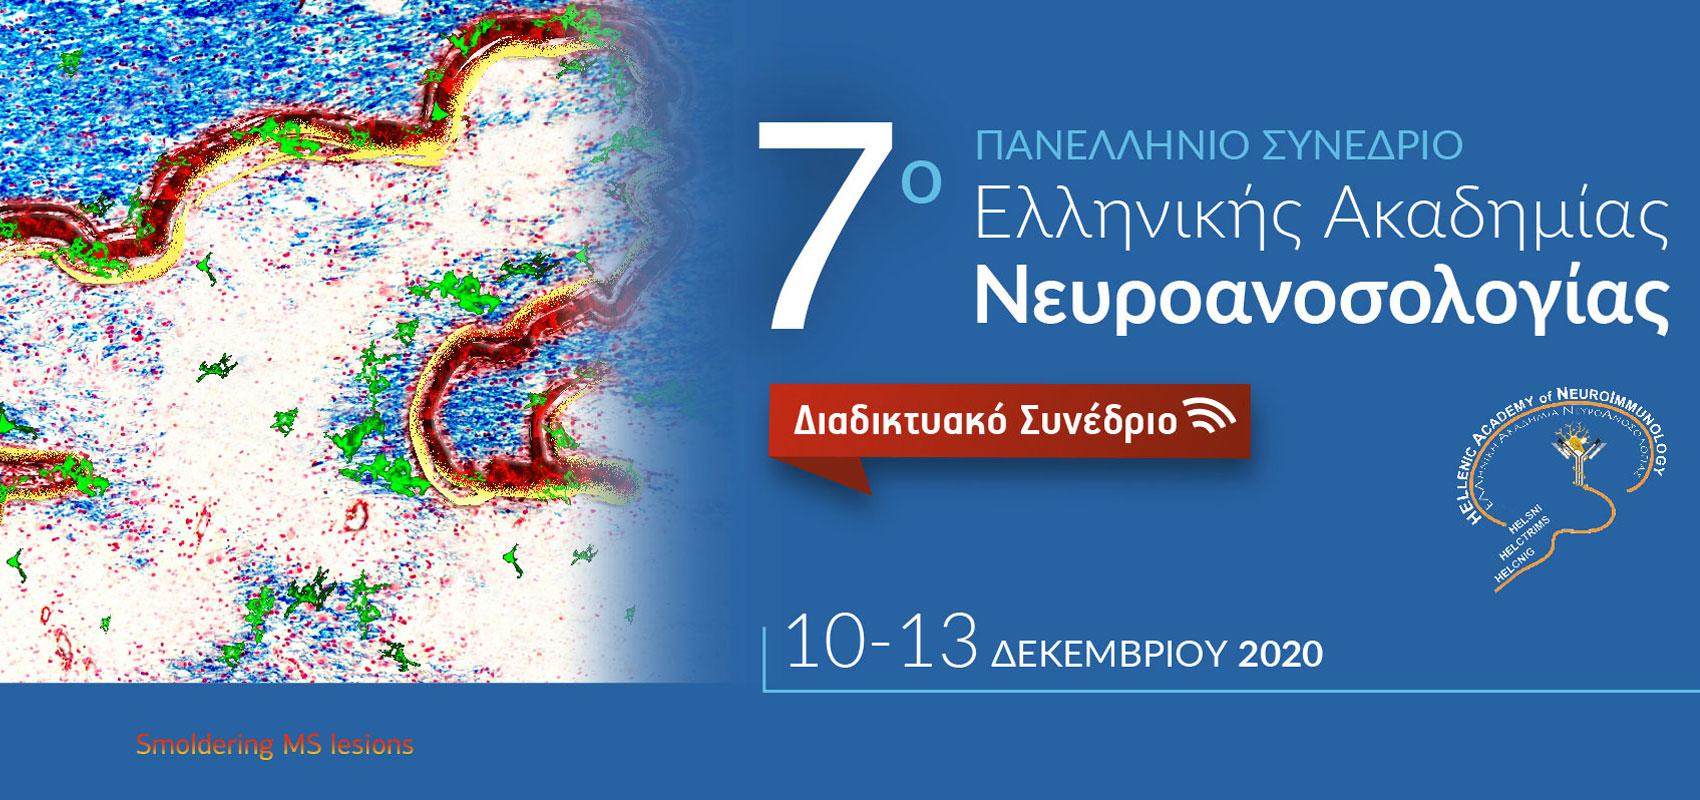 7ο Πανελλήνιο Συνέδριο της Ελληνικής Ακαδημίας Νευροανοσολογίας